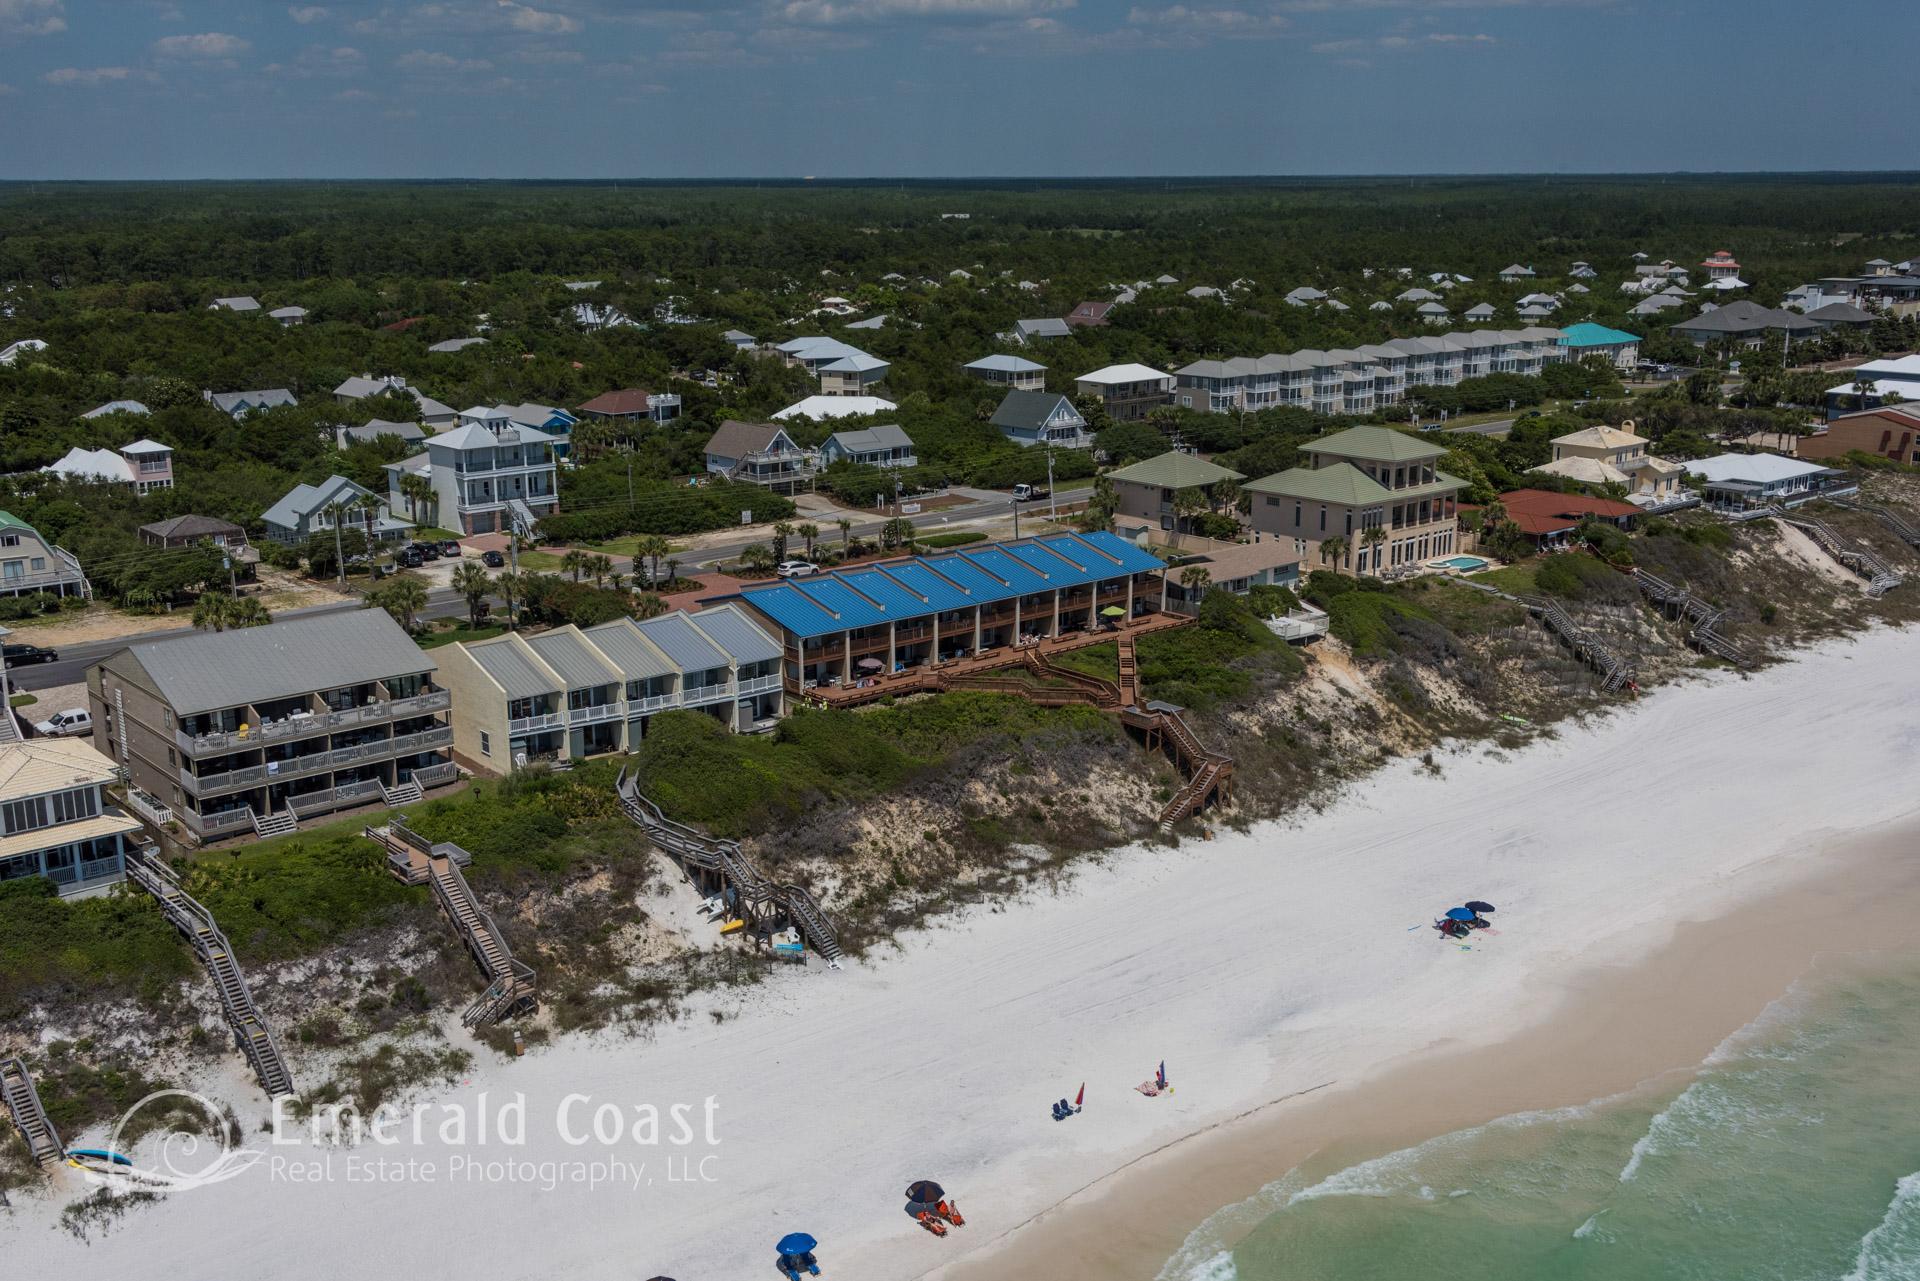 aerial photo of Blue Nine condominium Seacrest Beach, Floida